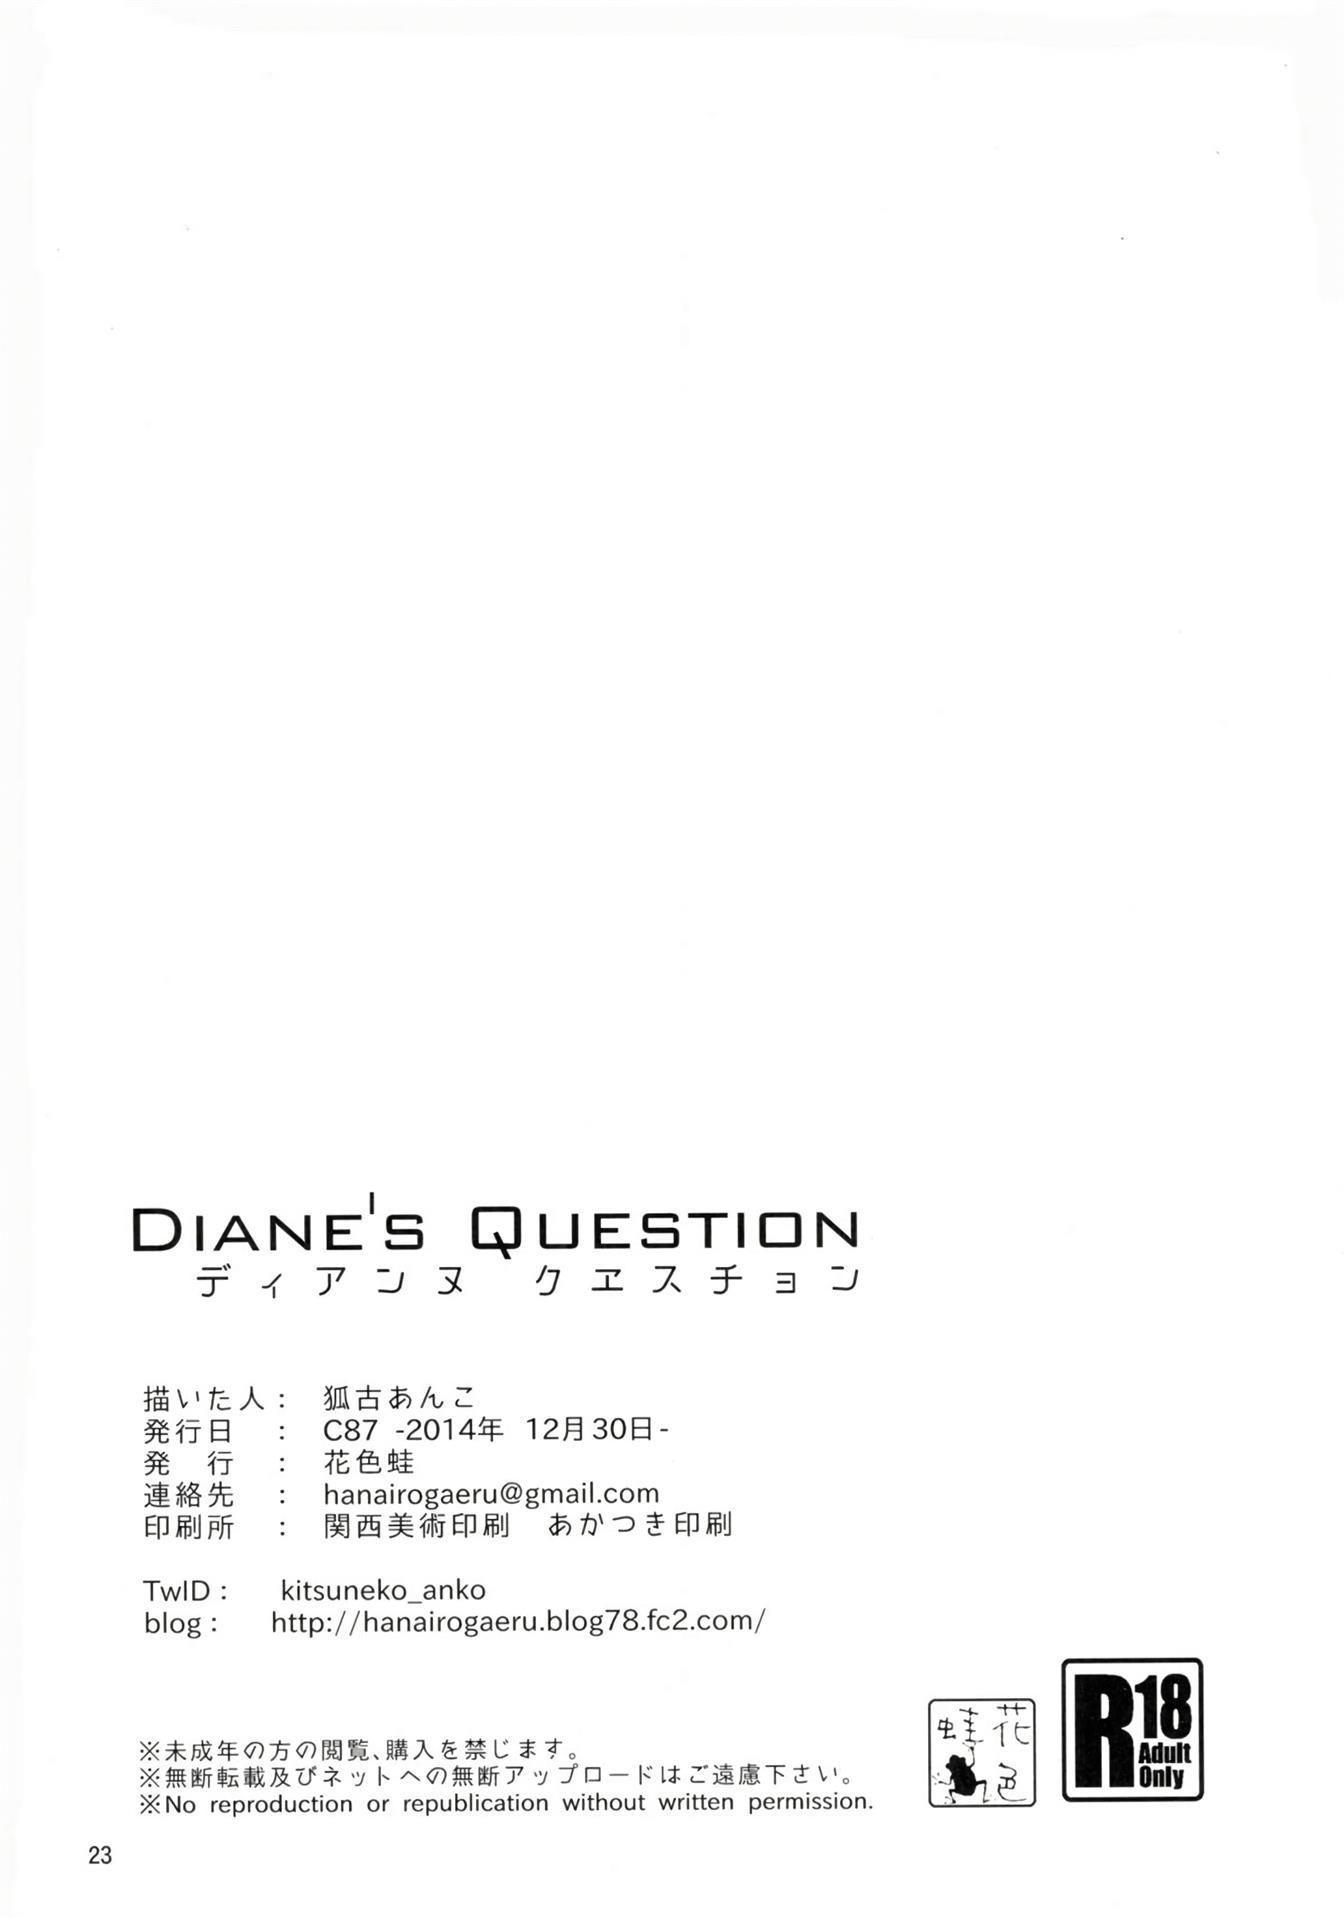 Dúvidas de Diane: Como se faz os bebês